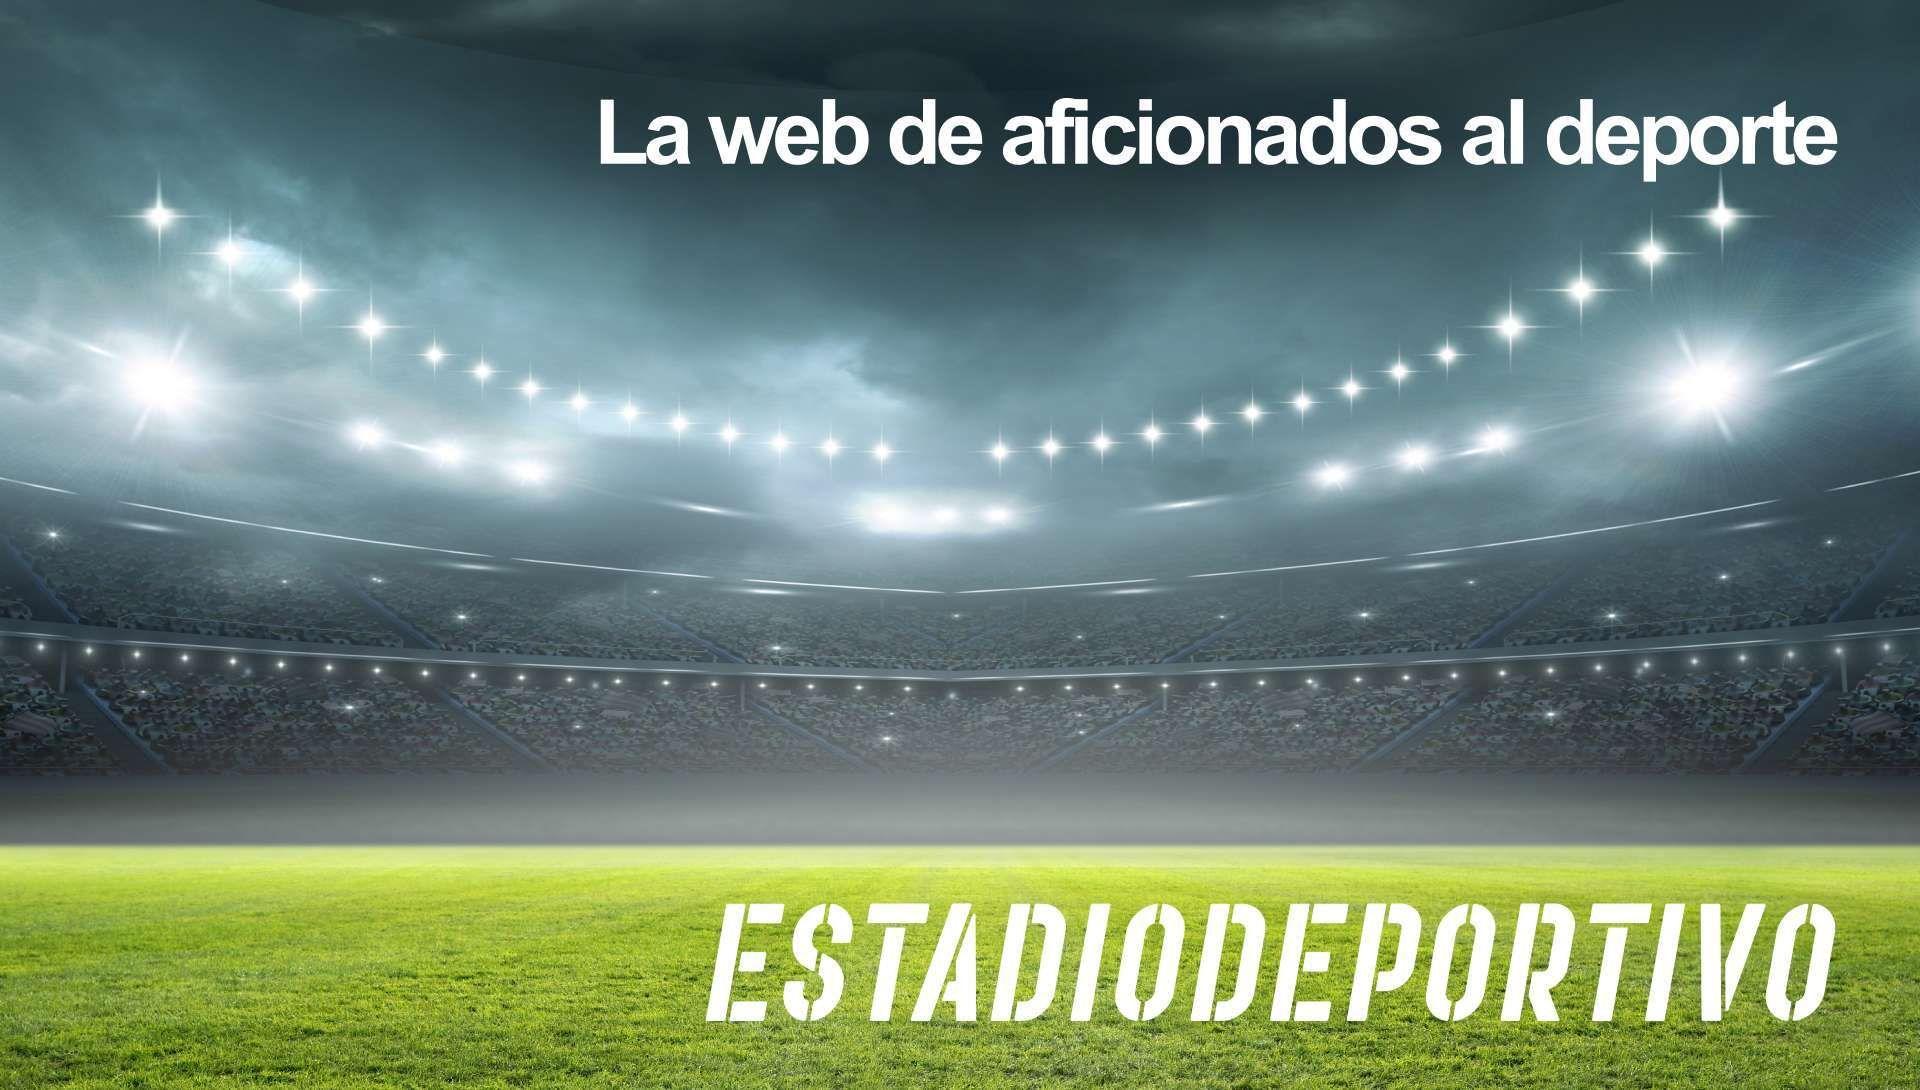 Las portadas del martes 22 de junio